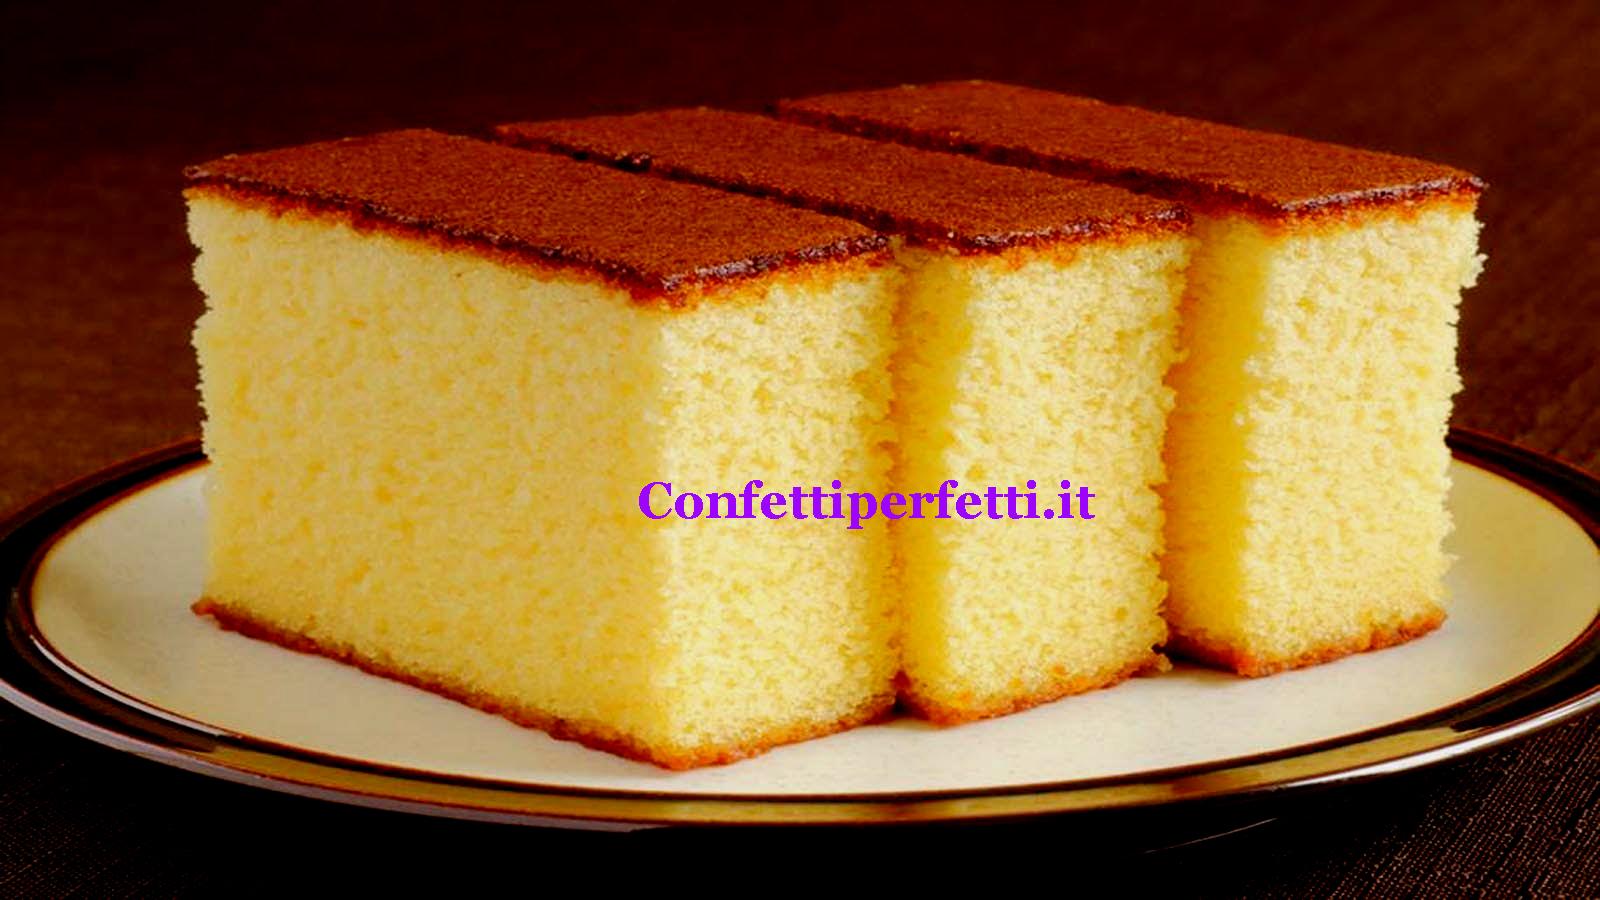 preparati x dolci anche senza glutine, graziano - decorazioni ... - Dolci E Decorazioni Graziano